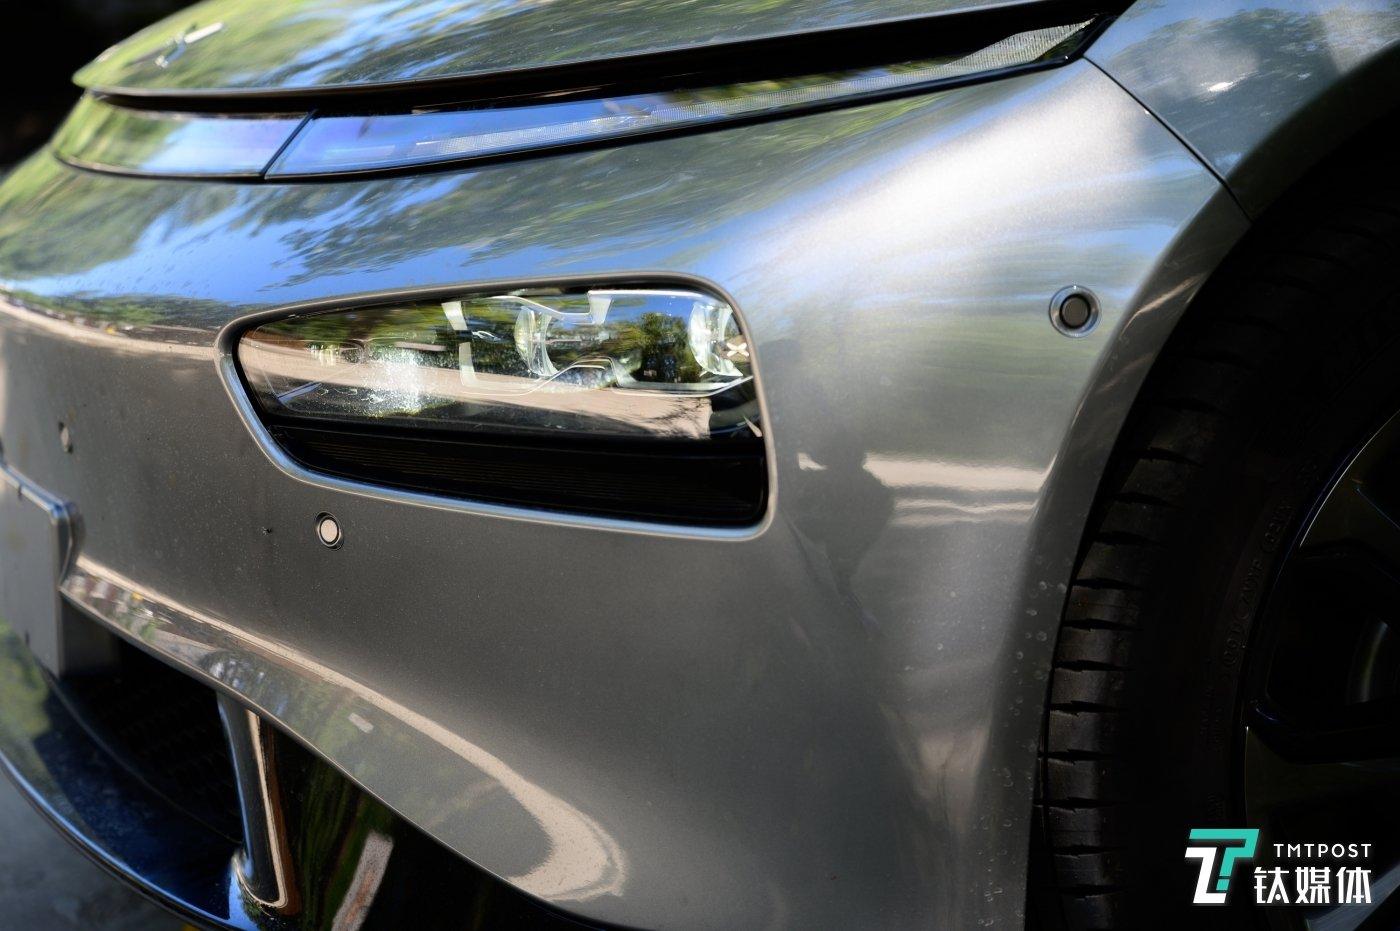 可以看到车身布置的雷达感应器